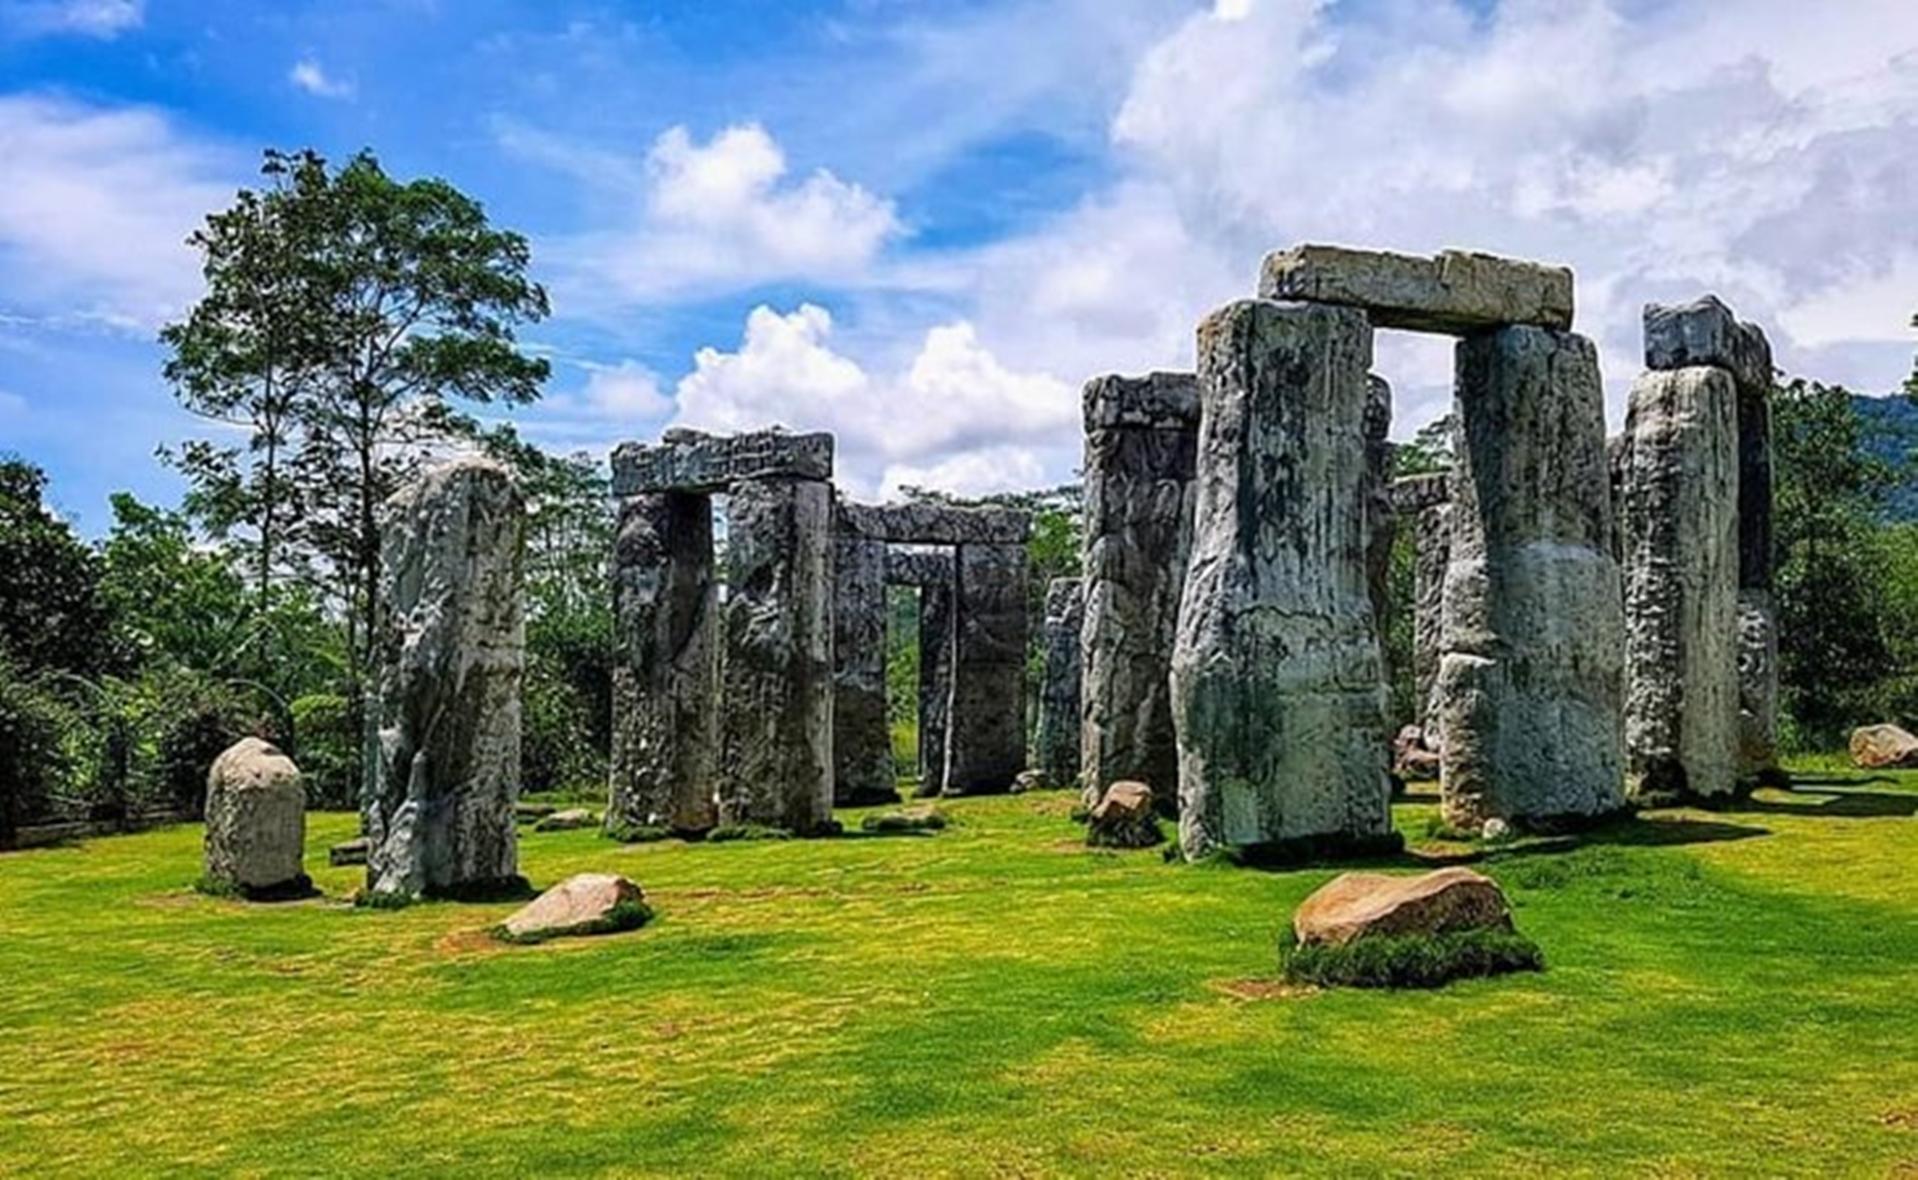 5 Tempat Wisata Yang Memiliki Arsitektur Megah di Yogyakarta 3